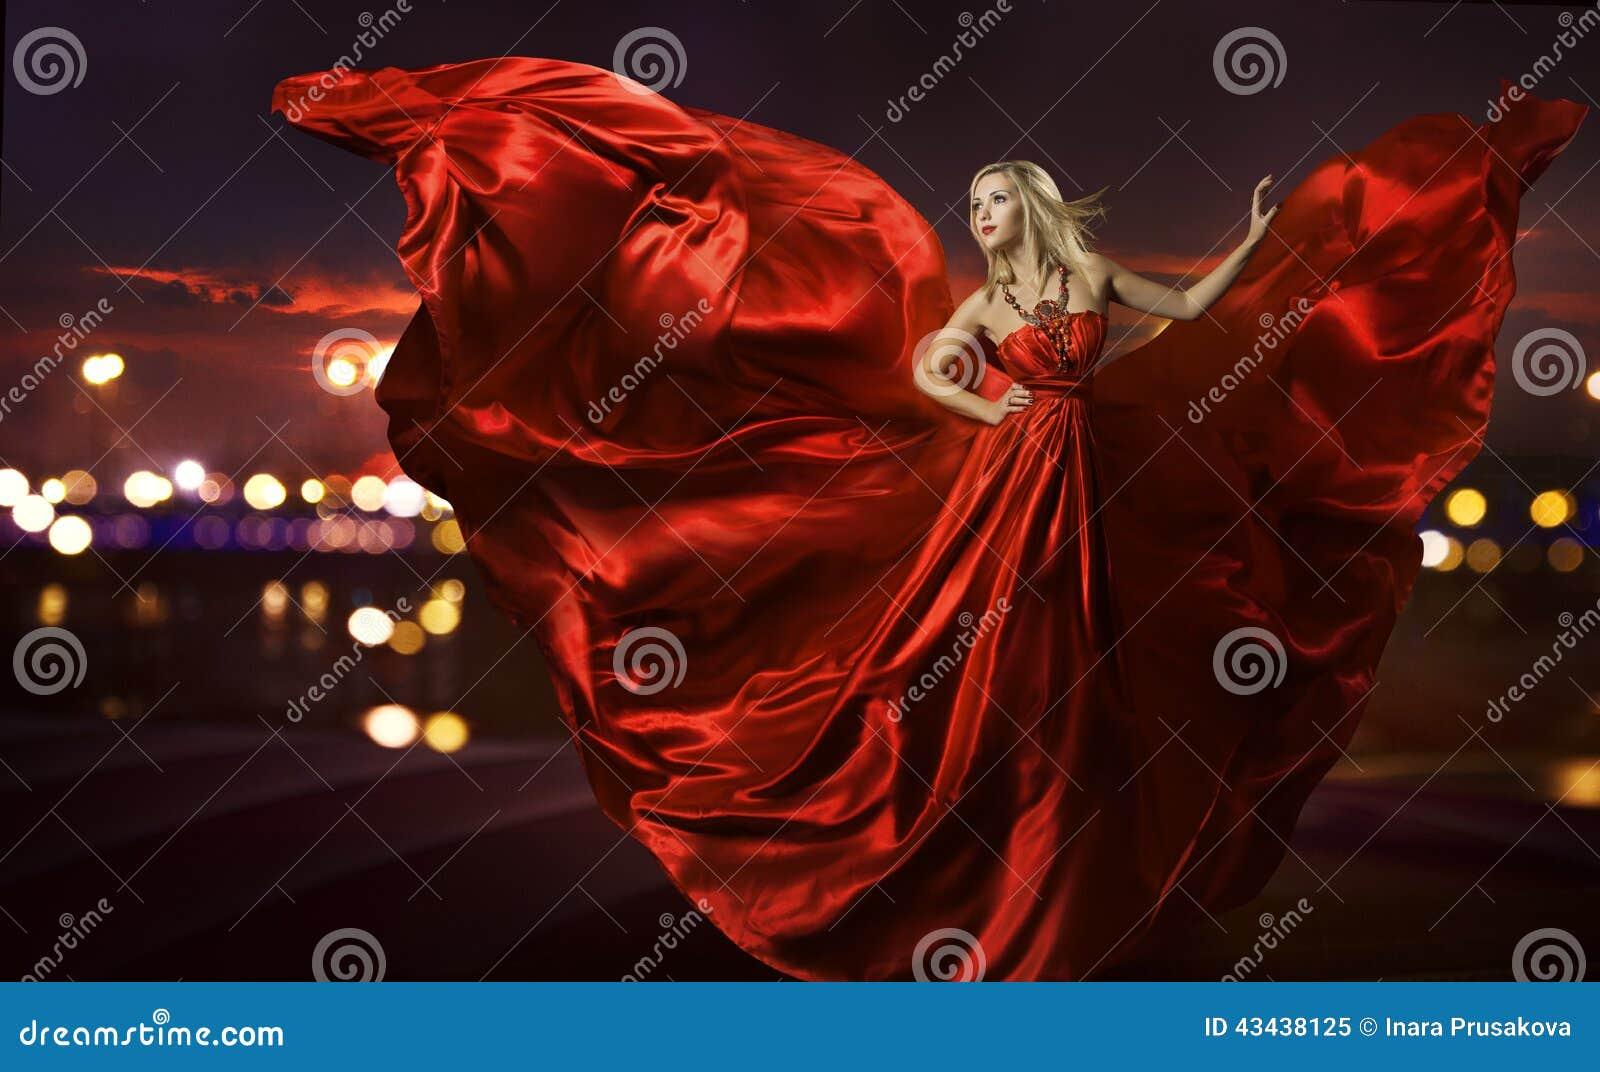 Vrouw die in zijdekleding dansen, het artistieke rode blazen